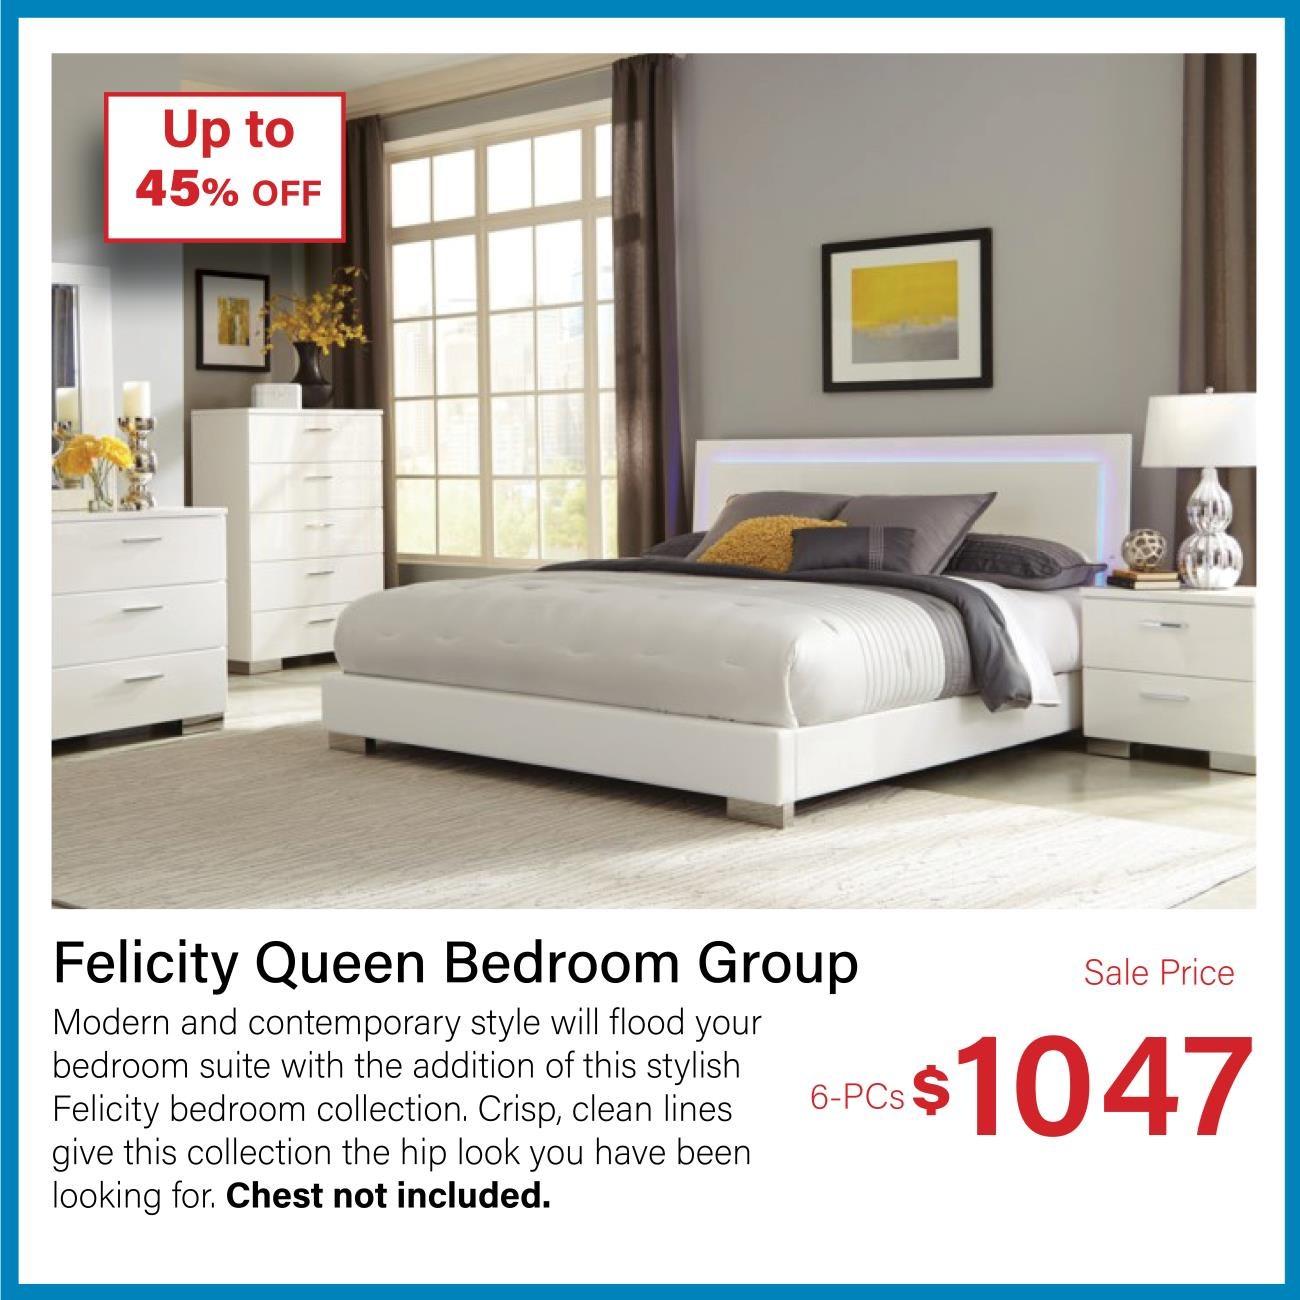 Felicity queen bedroom group